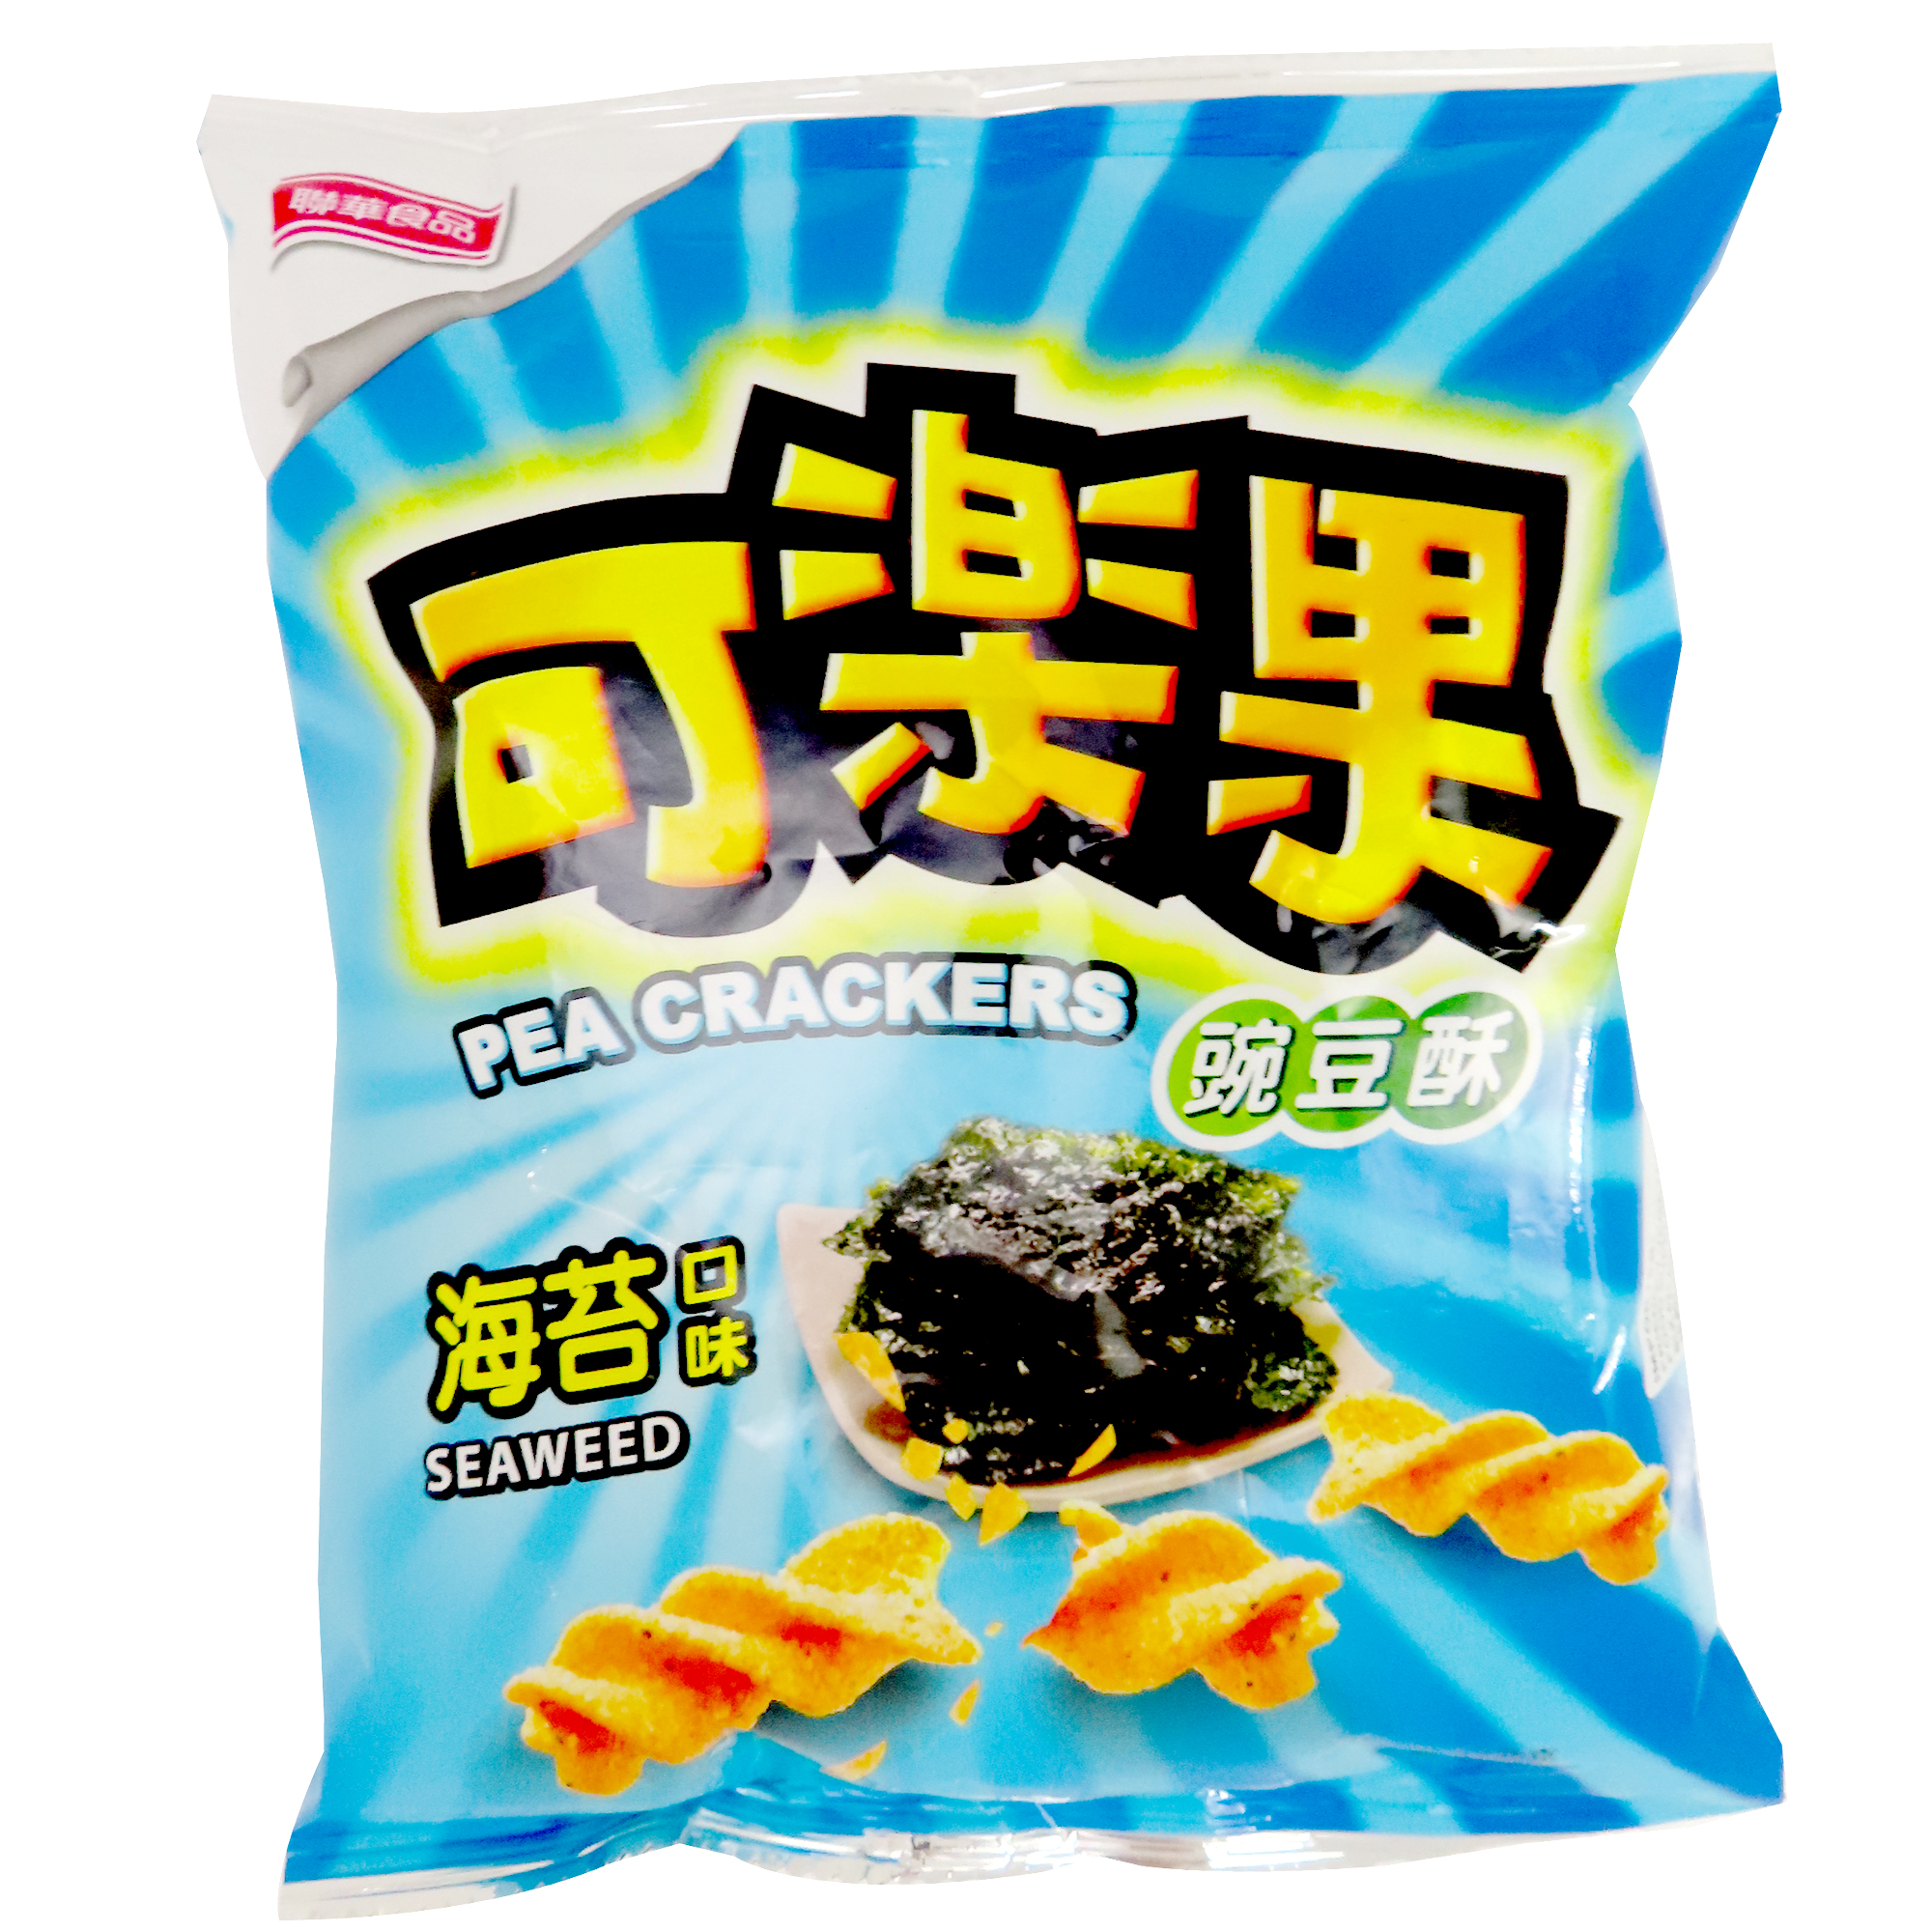 Image Pea Crackers (Seaweed) 联华 - 海苔可乐果 57grams